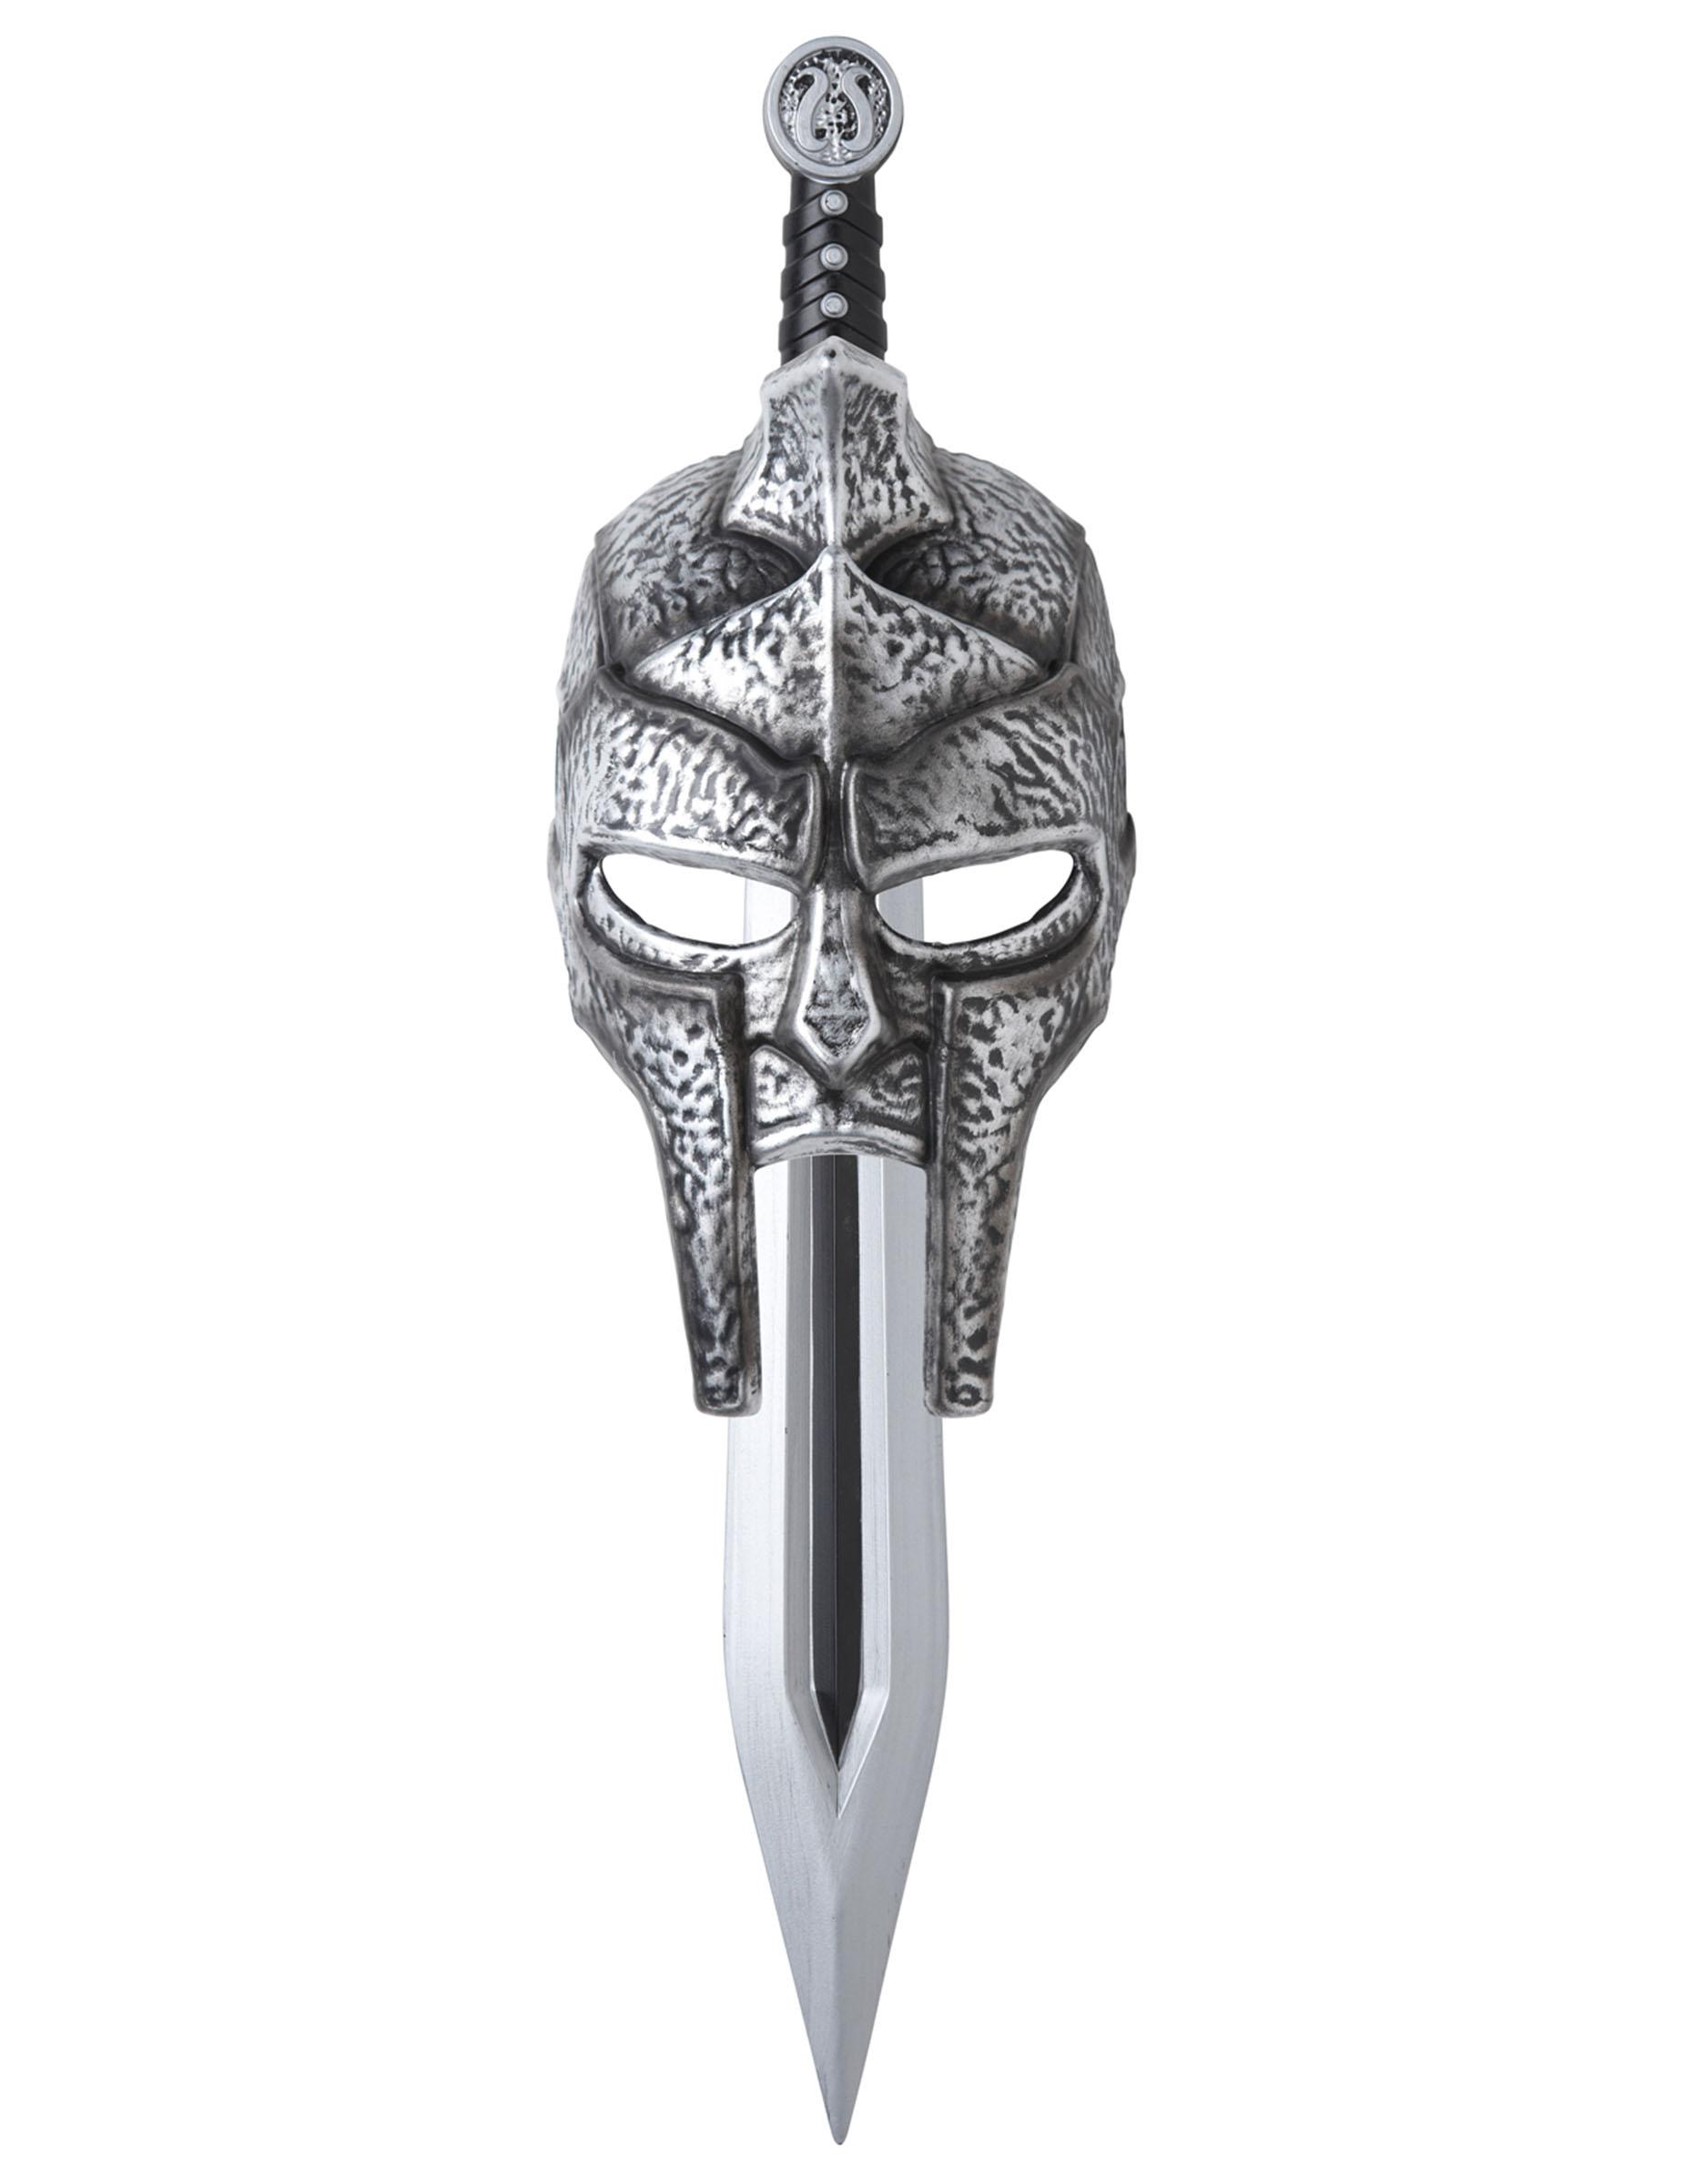 Spartan Helmet And Sword Tattoo | www.imgkid.com - The ...